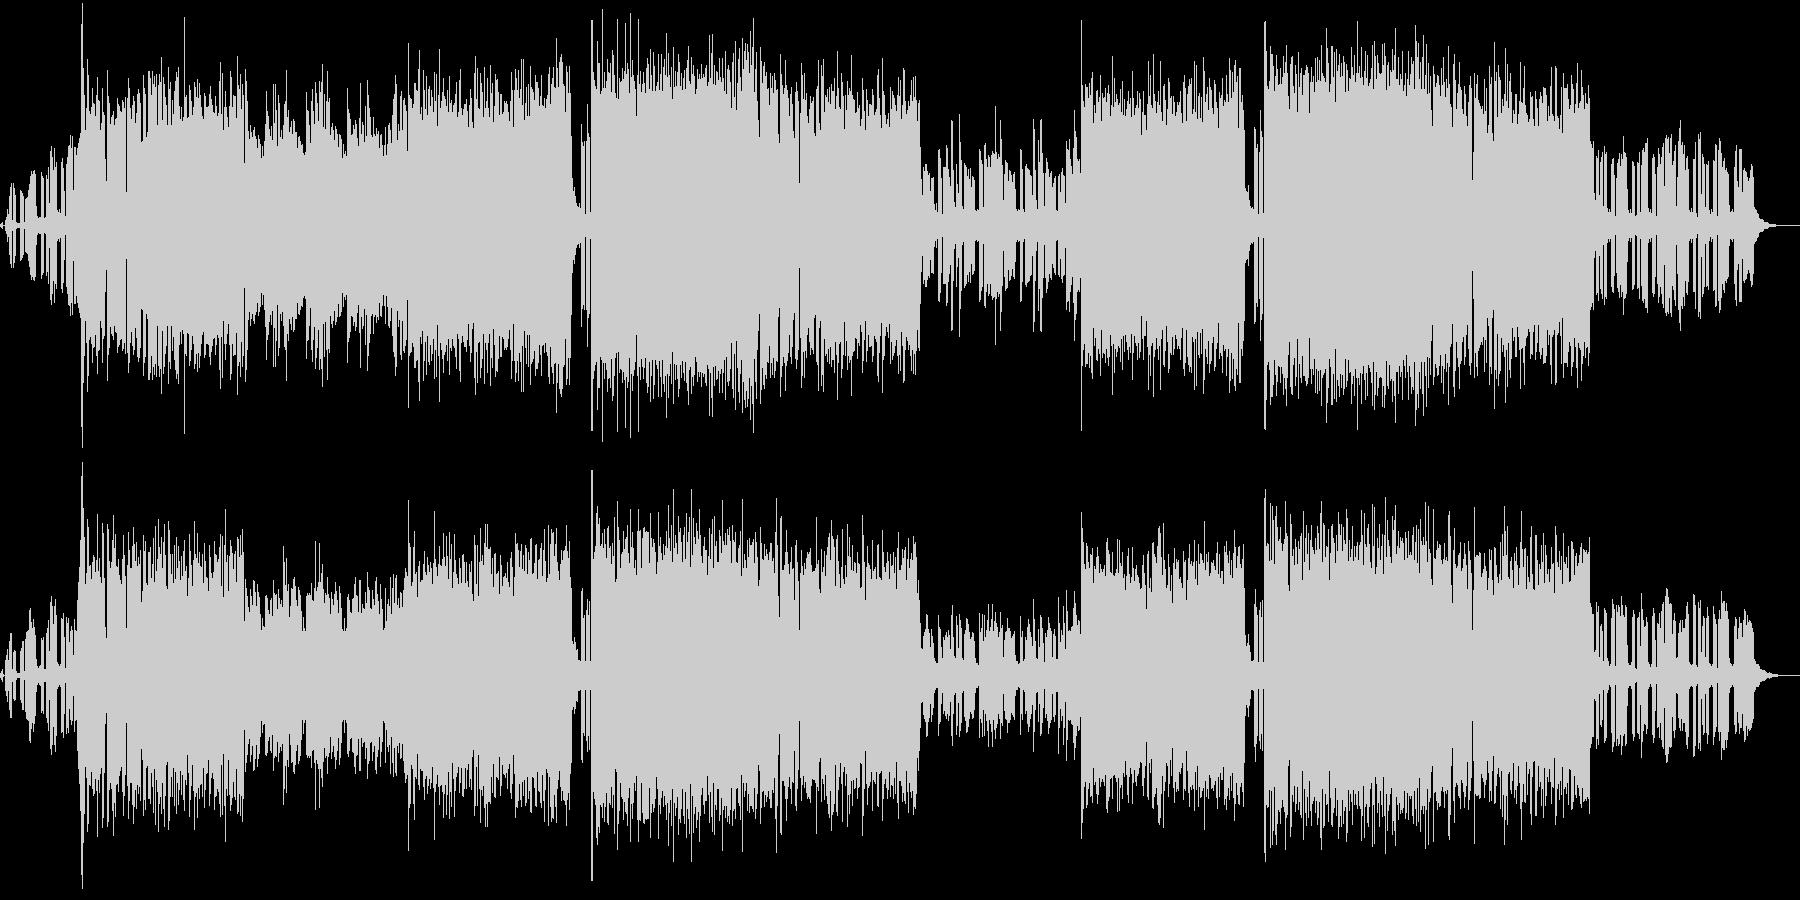 シンセが印象的なEDM系ロックの未再生の波形